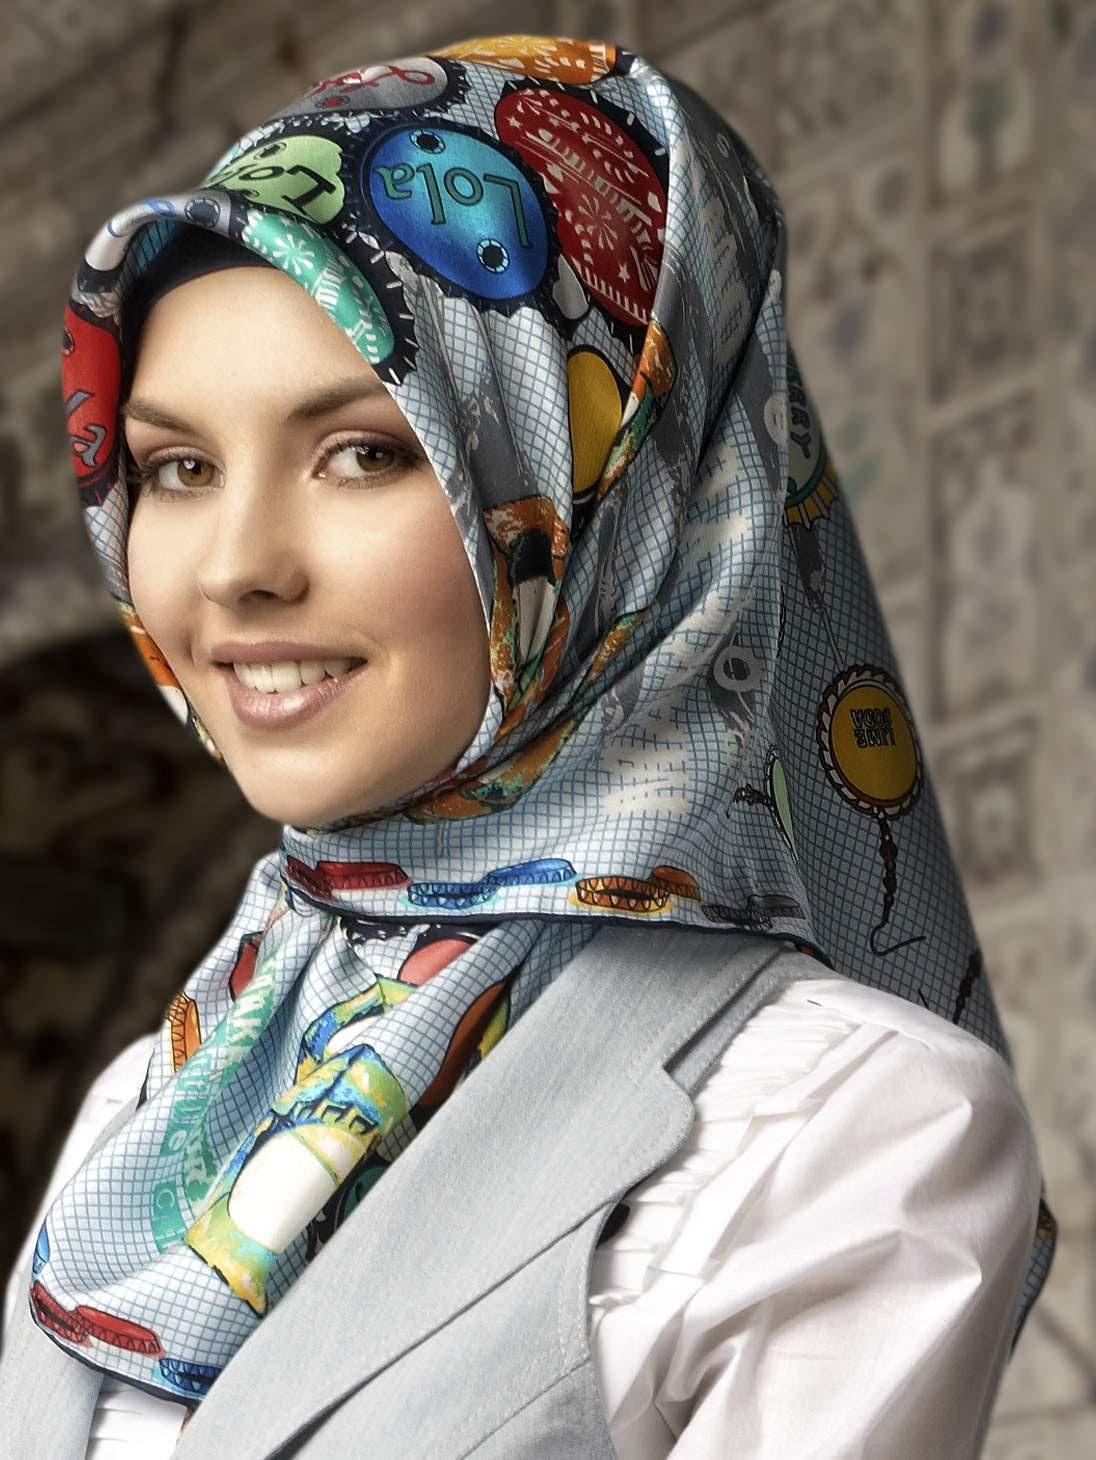 turkish-hot-woman-sally-hansen-bikini-wax